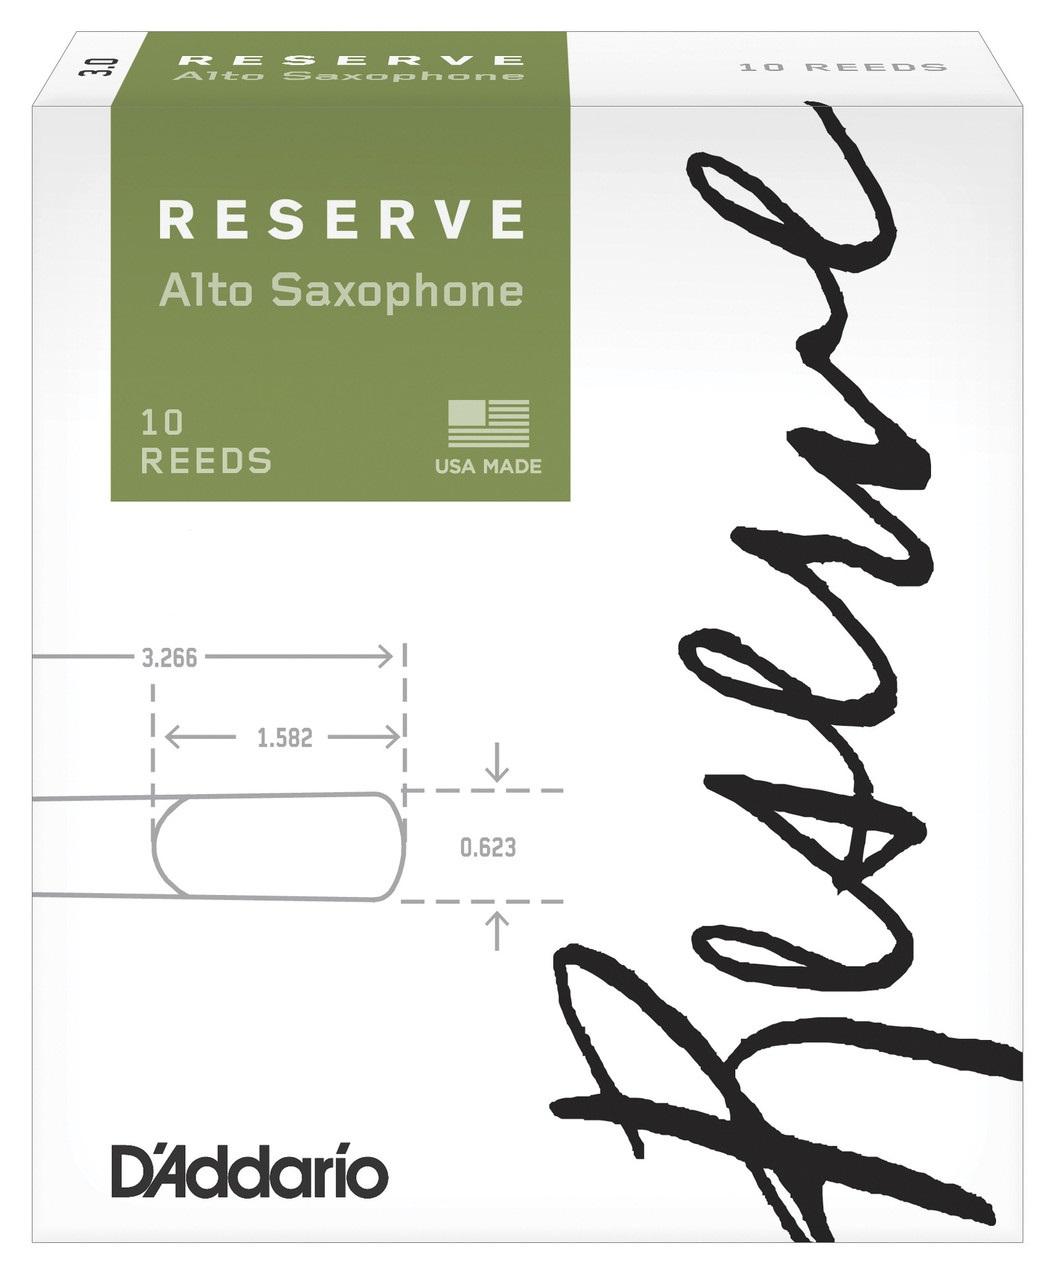 D'Addario Rico Reserve Alto Sax, 10 - 3,0+